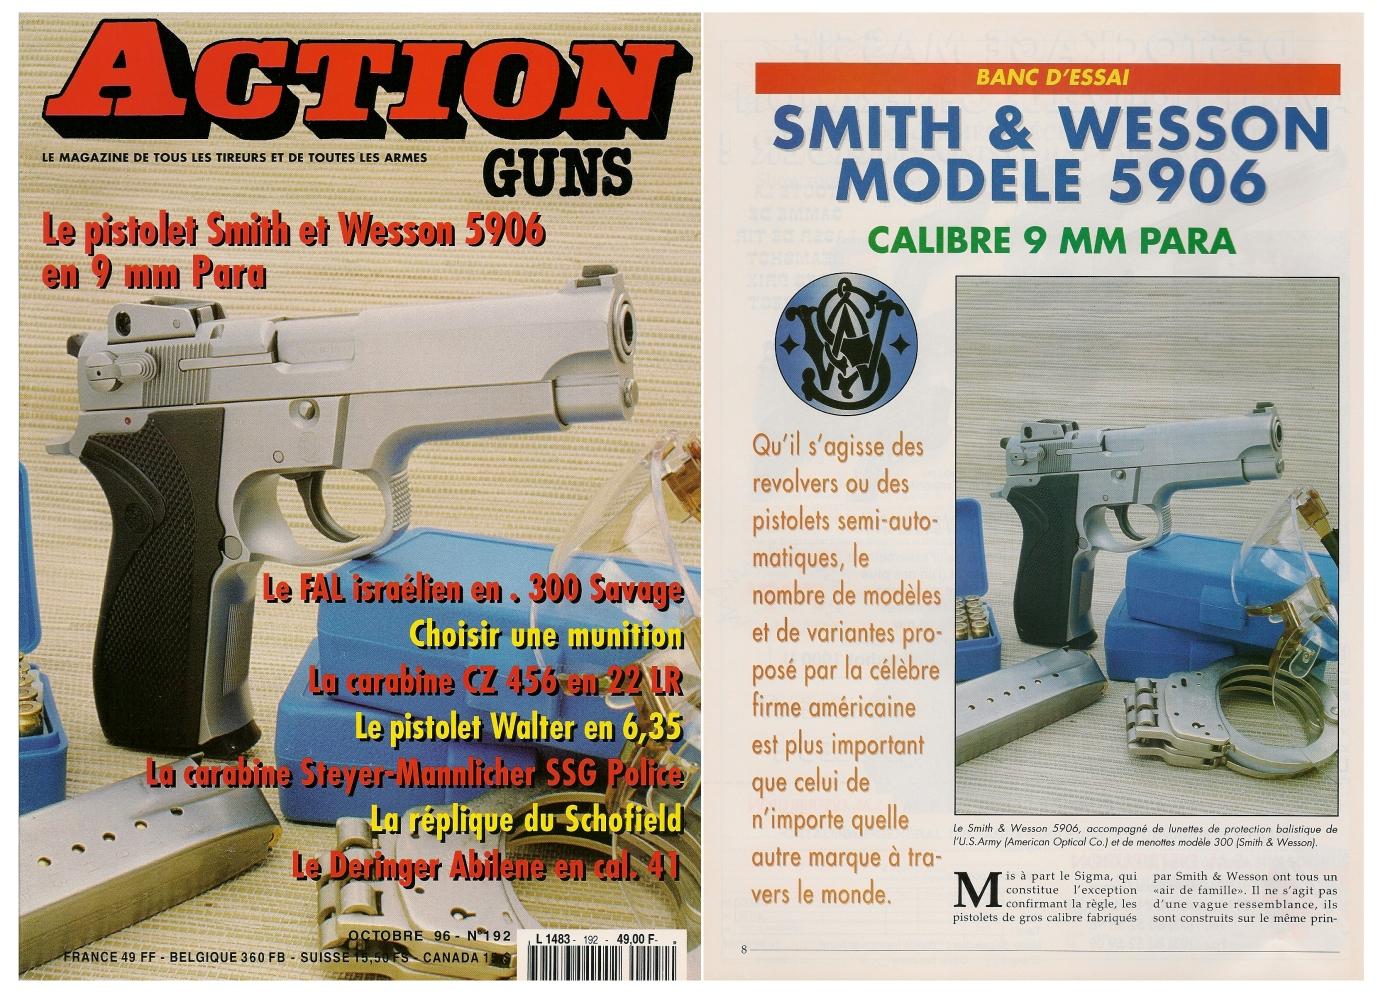 Le banc d'essai du pistolet Smith & Wesson modèle 5906 a été publié sur 7 pages dans le magazine Action Guns n°192 (octobre 1996).